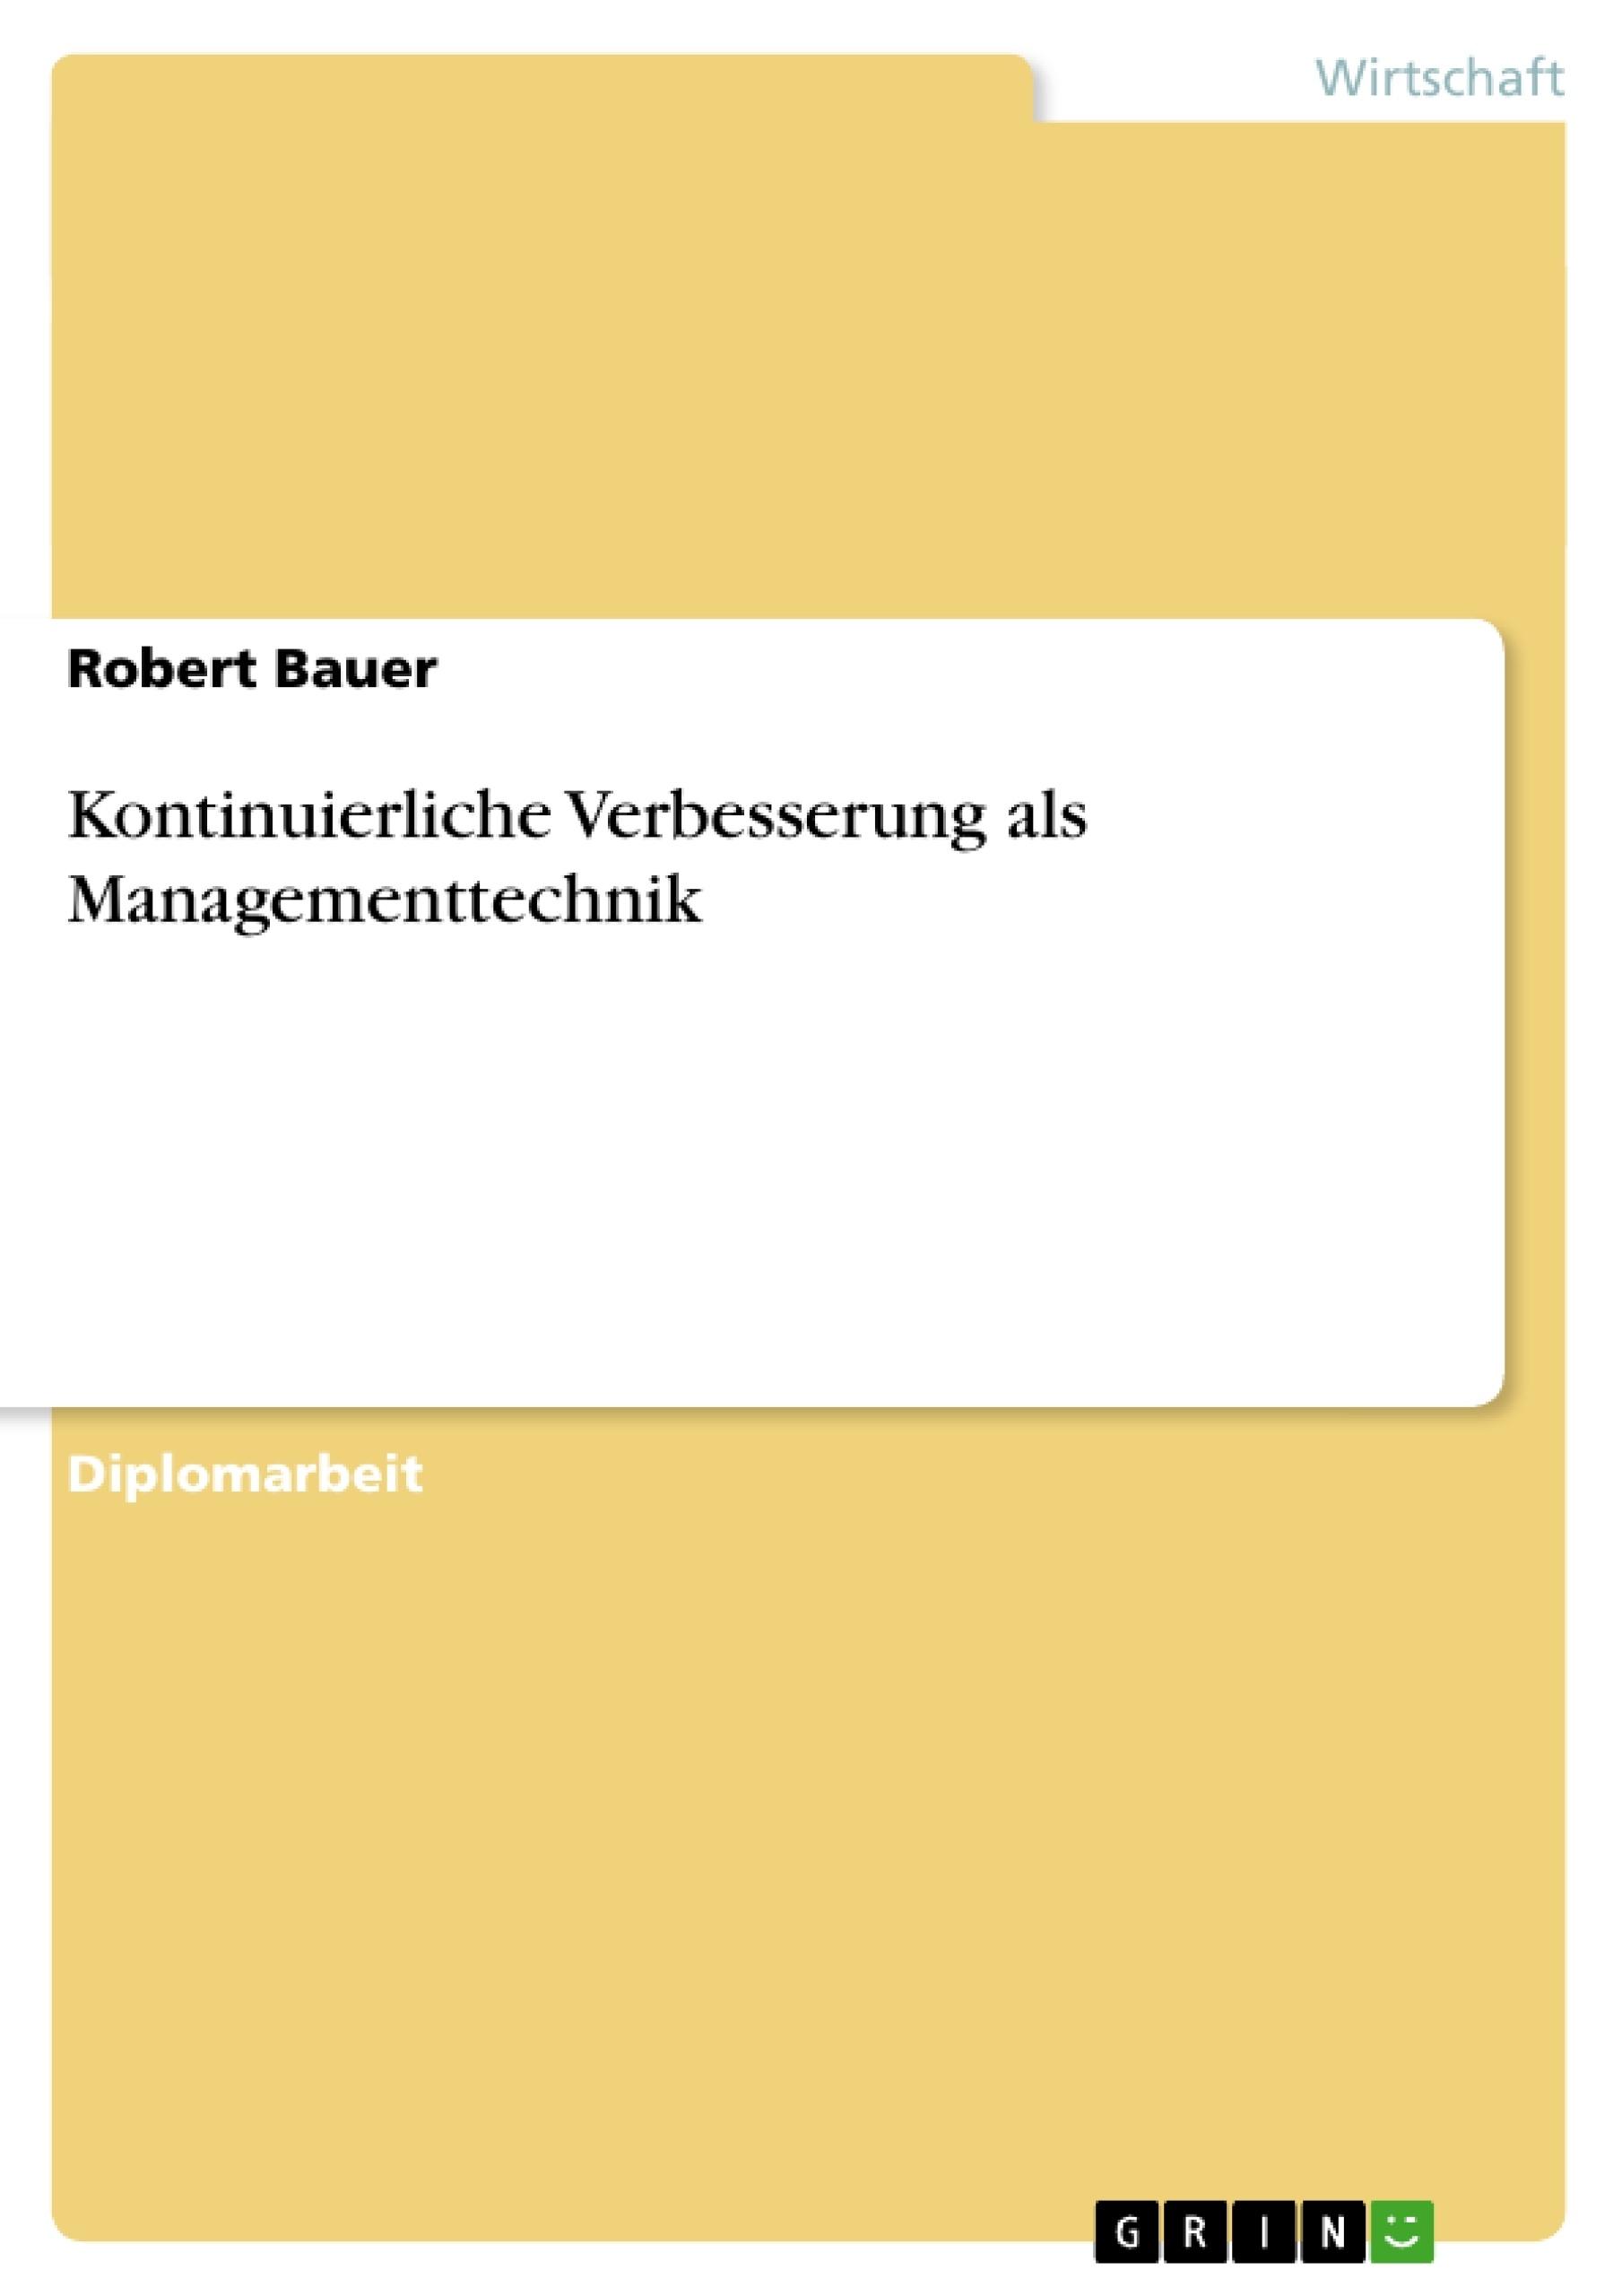 Titel: Kontinuierliche Verbesserung als Managementtechnik